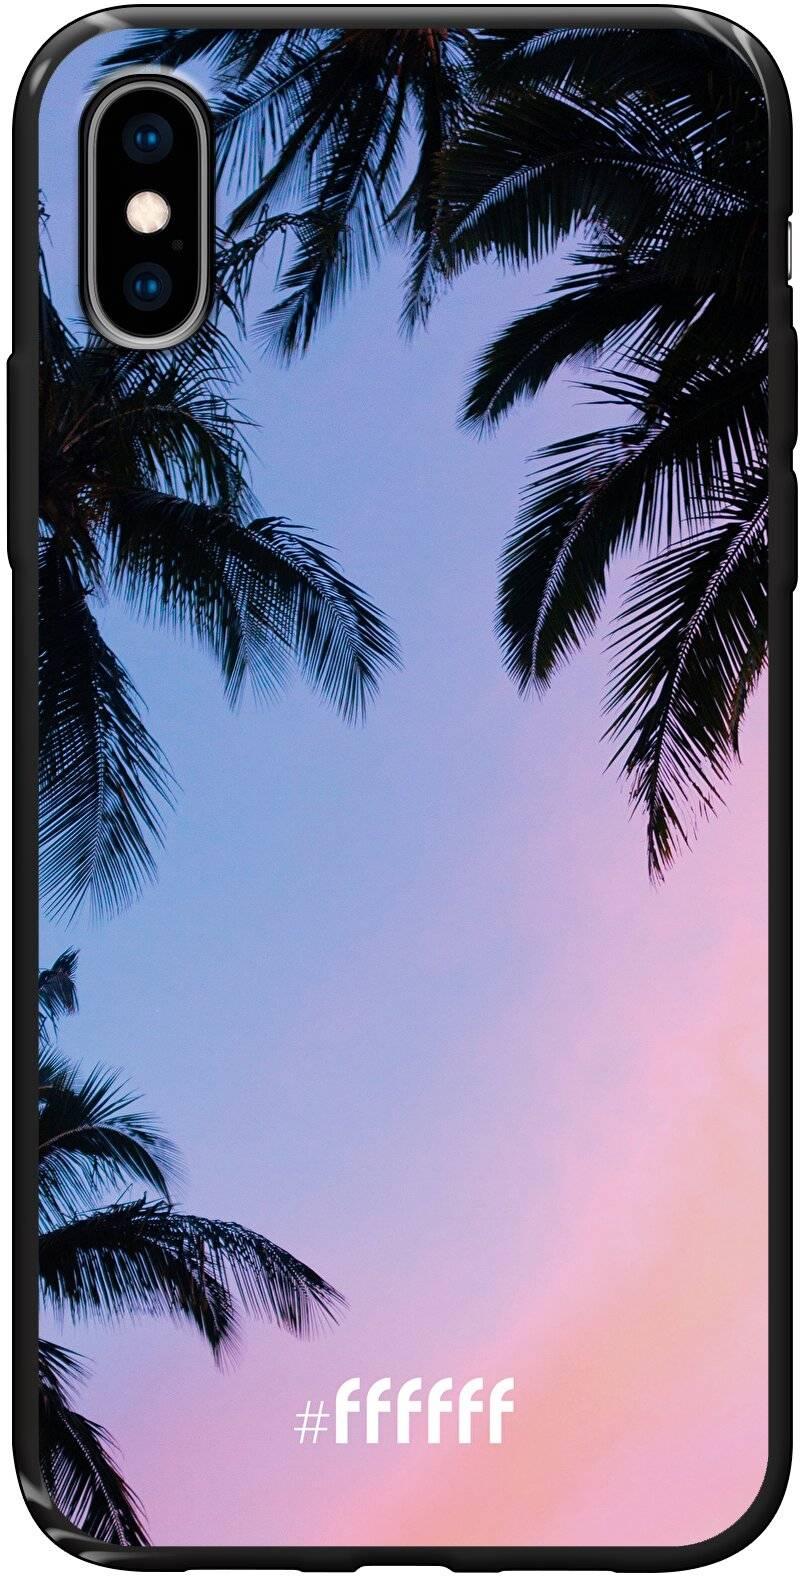 Sunset Palms iPhone X